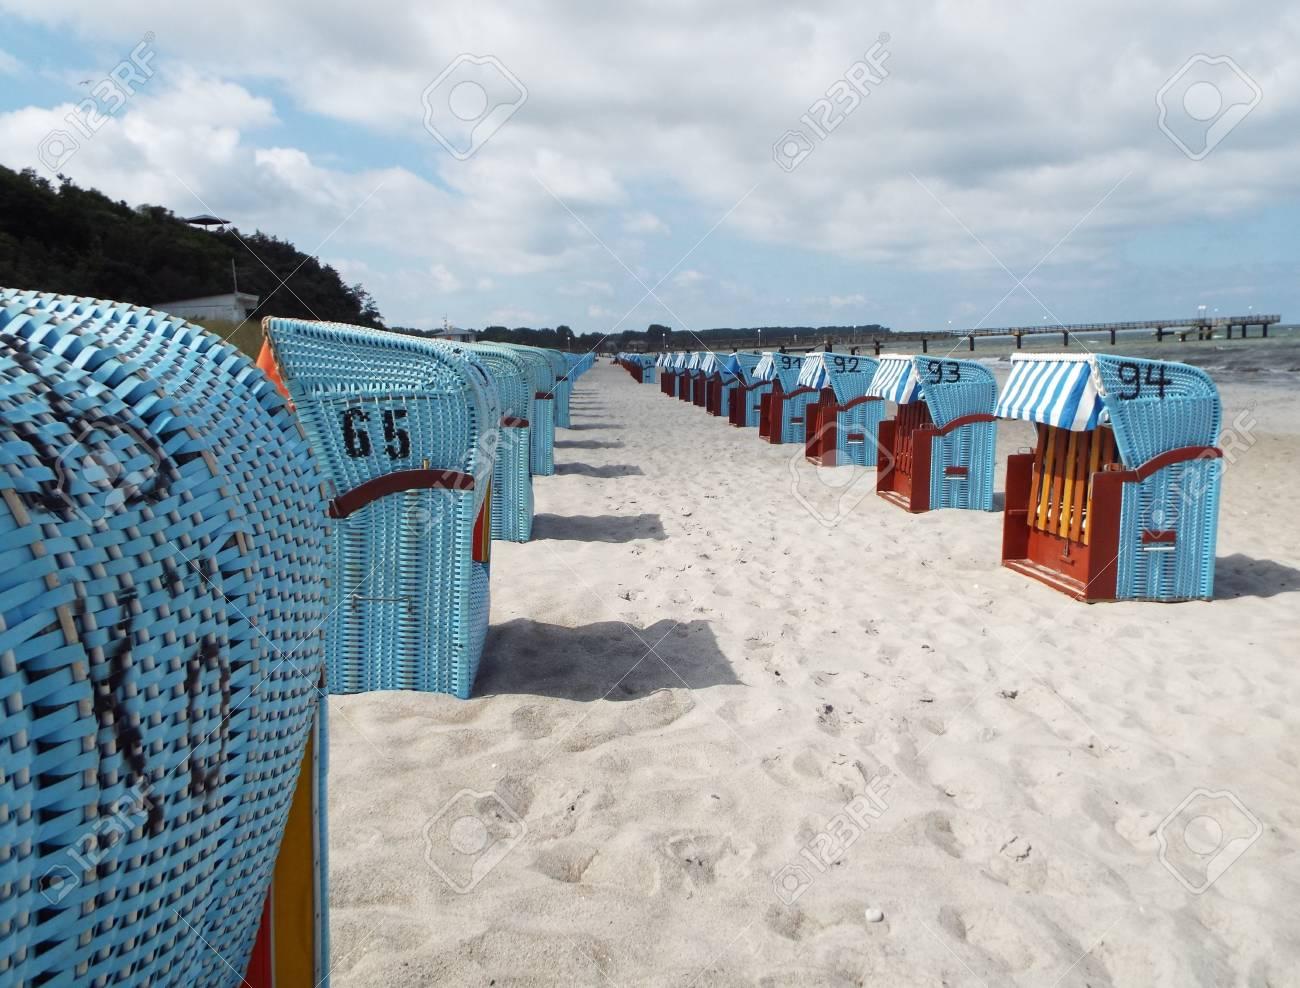 Preseason at the Baltic Sea - Blue beach baskets on the beach under a slightly cloudy sky. - 76660121